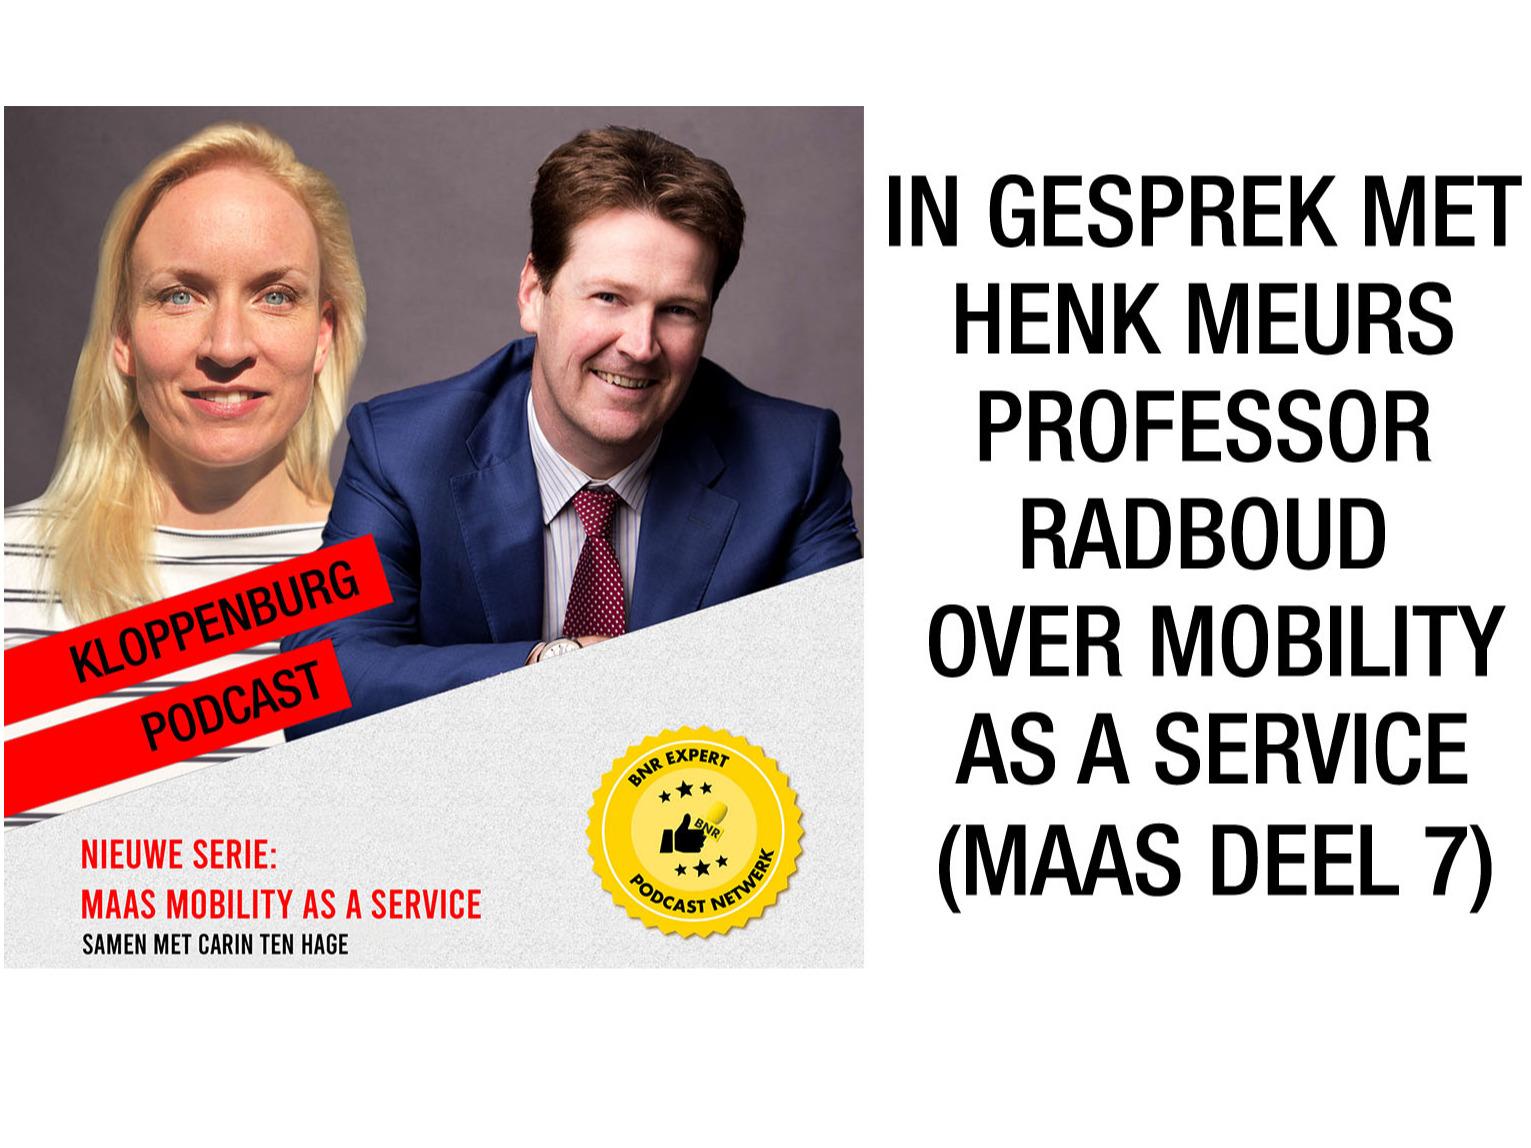 In gesprek met met Henk Meurs, professor Radboud Universiteit, over de potentie van MaaS (deel-7)